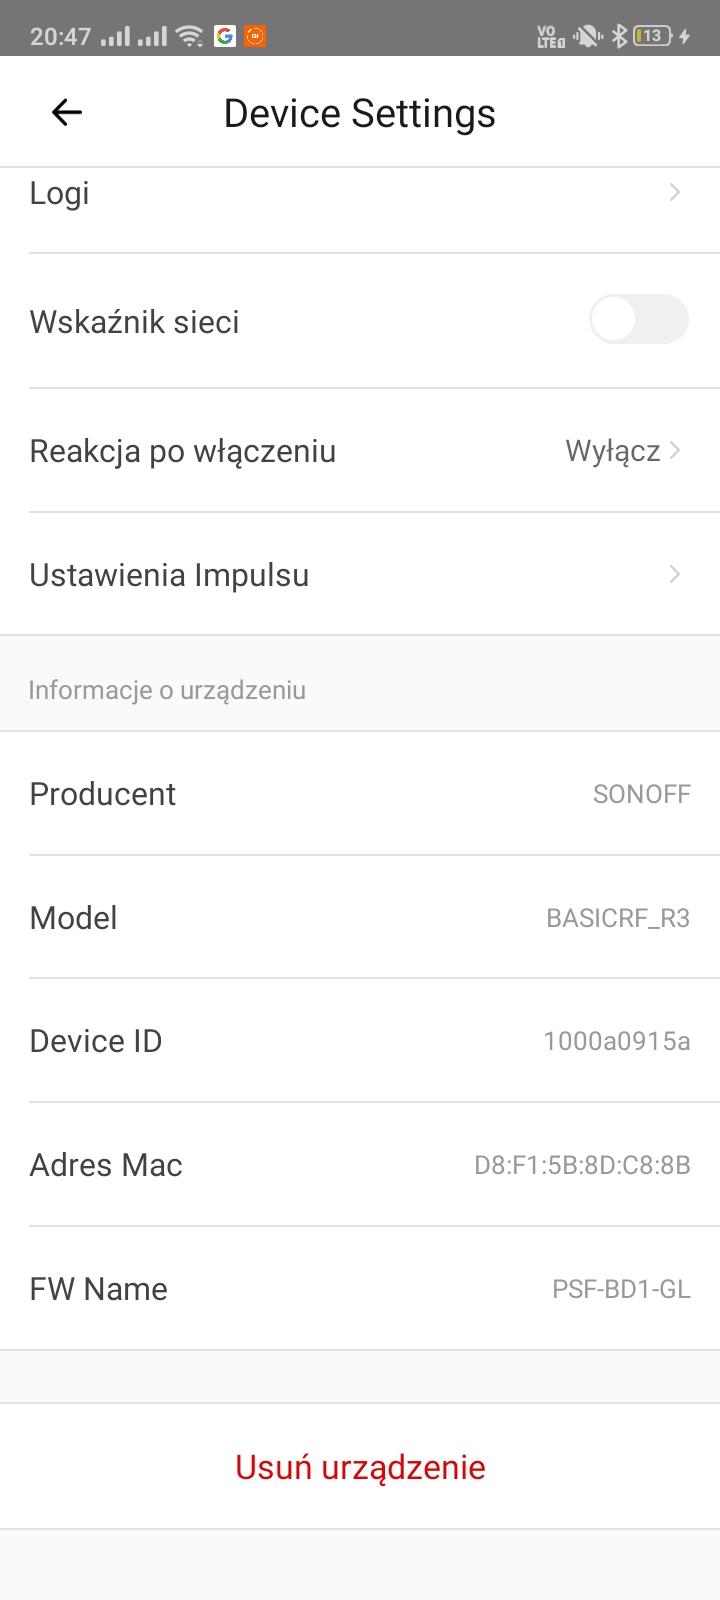 Funkcje w aplikacji eWeLink dla Sonoff Basic RF R3